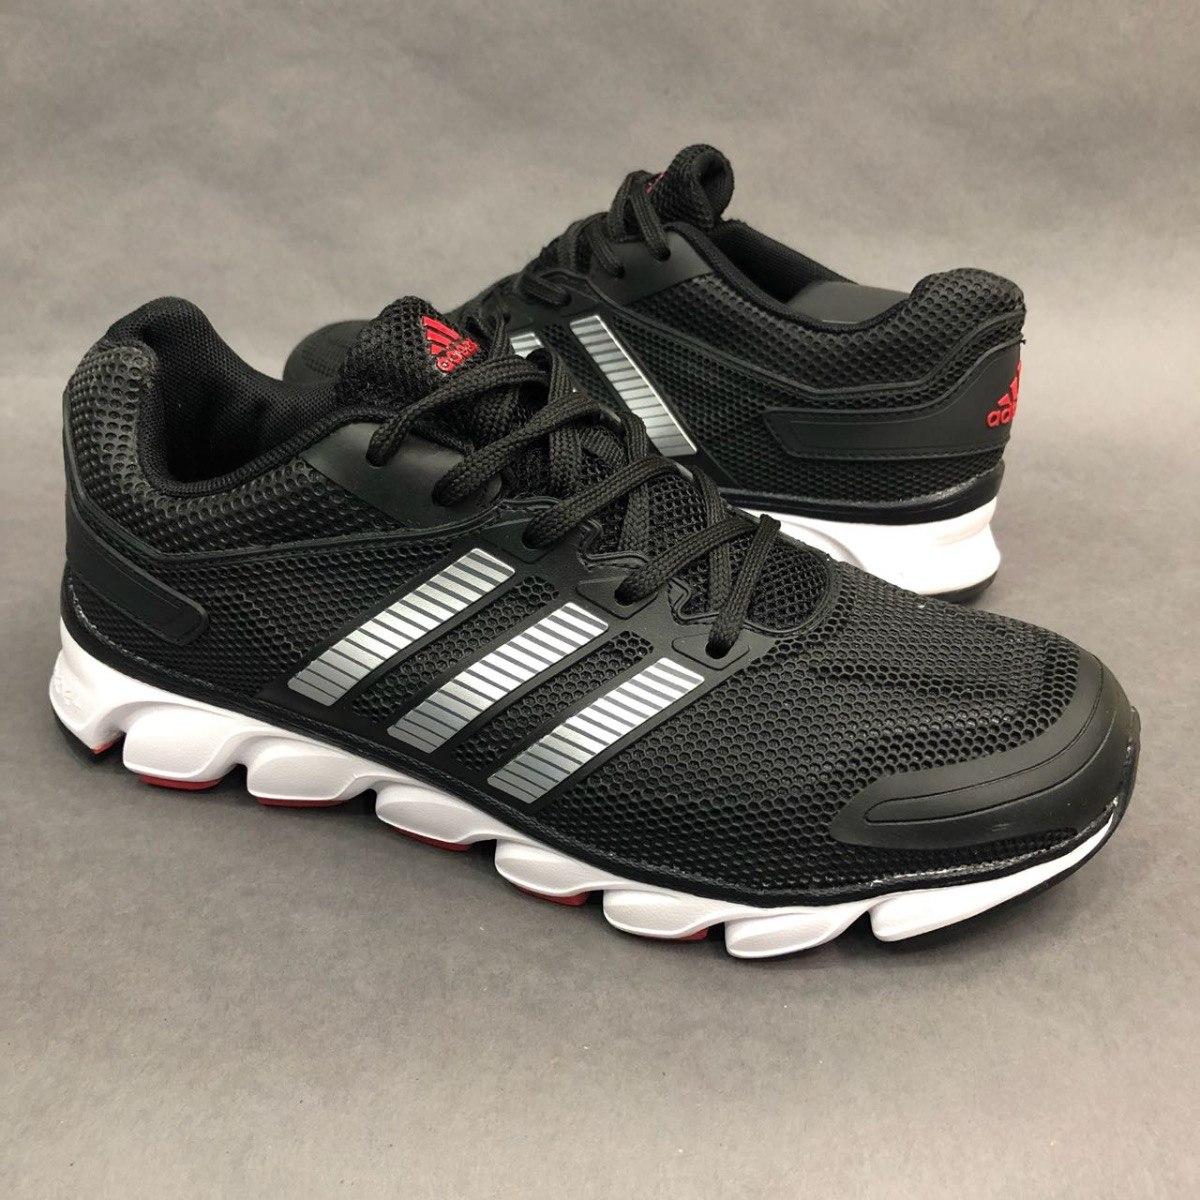 zapatillas adidas climacool hombre 2018